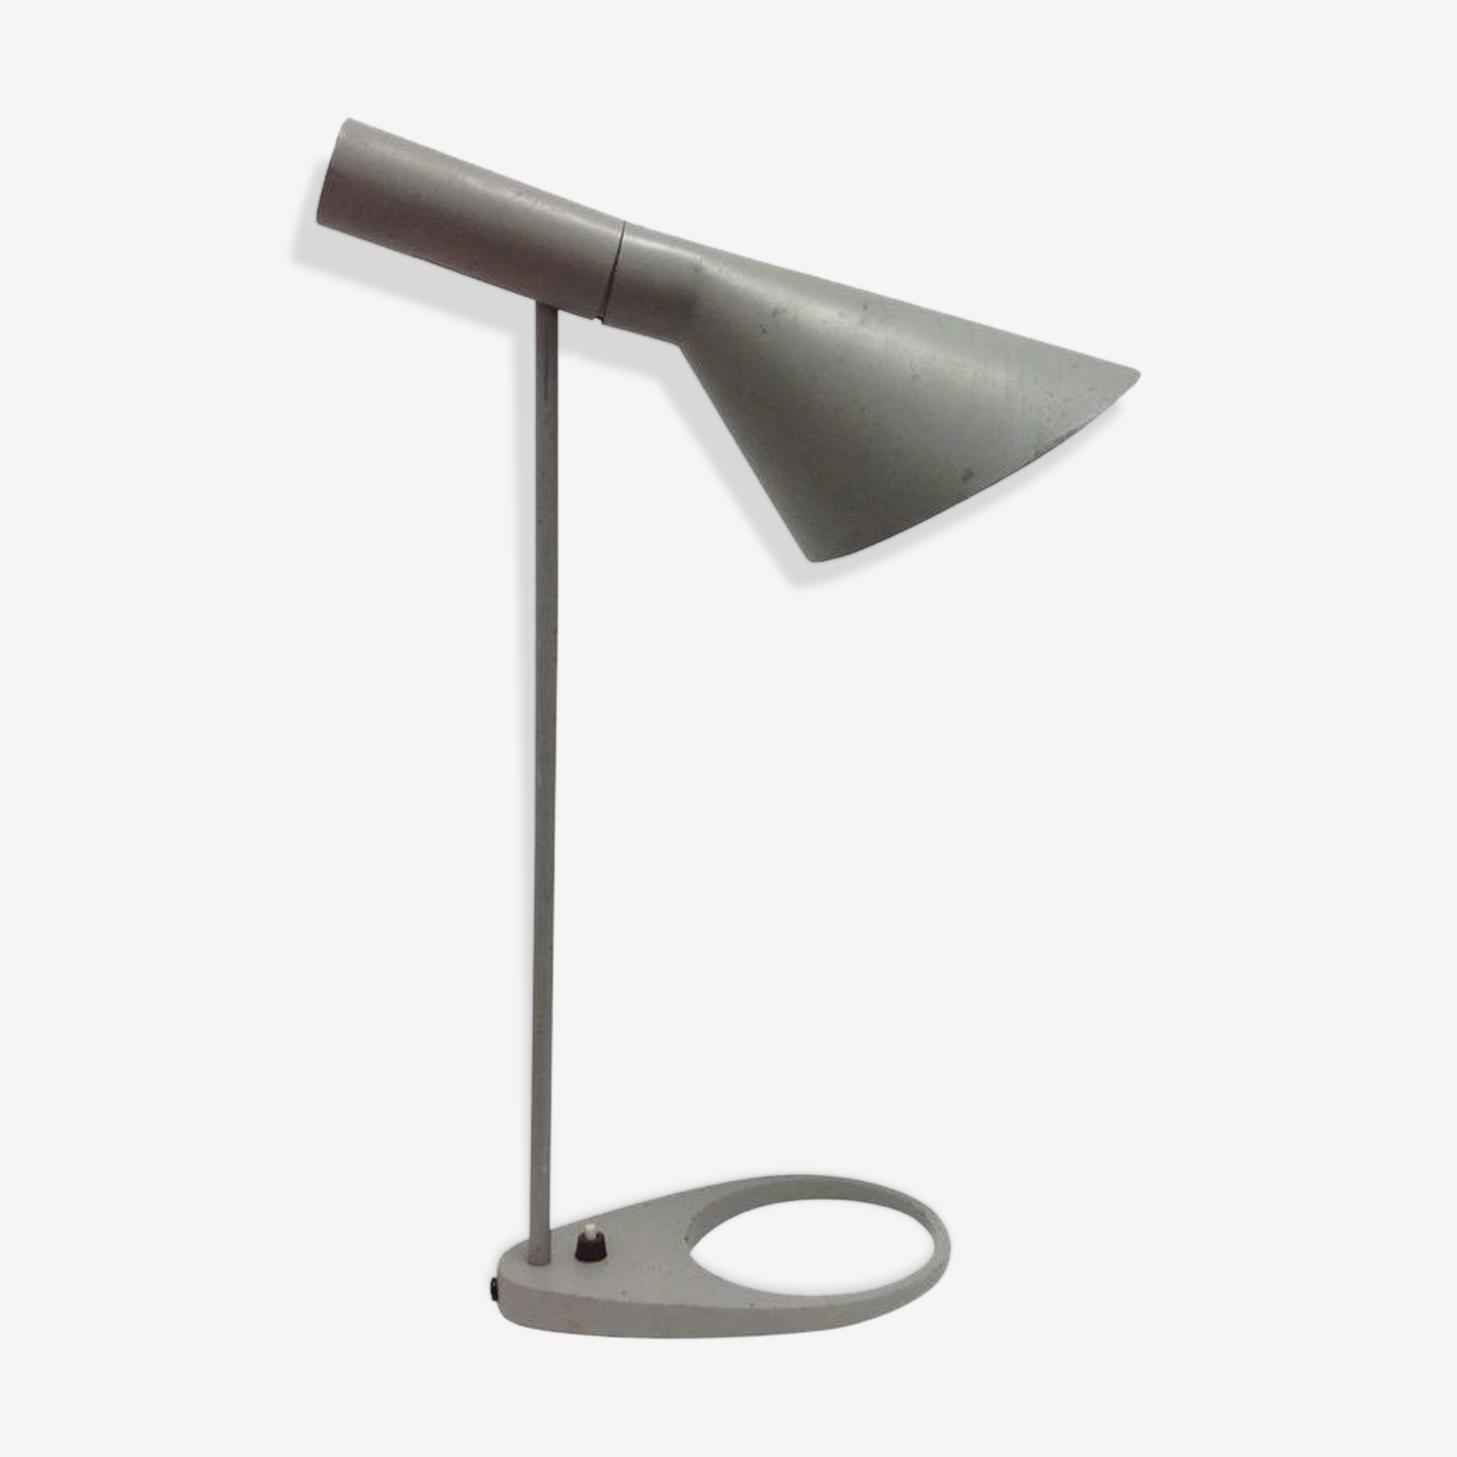 Arne Jacobsen Visor table lamp